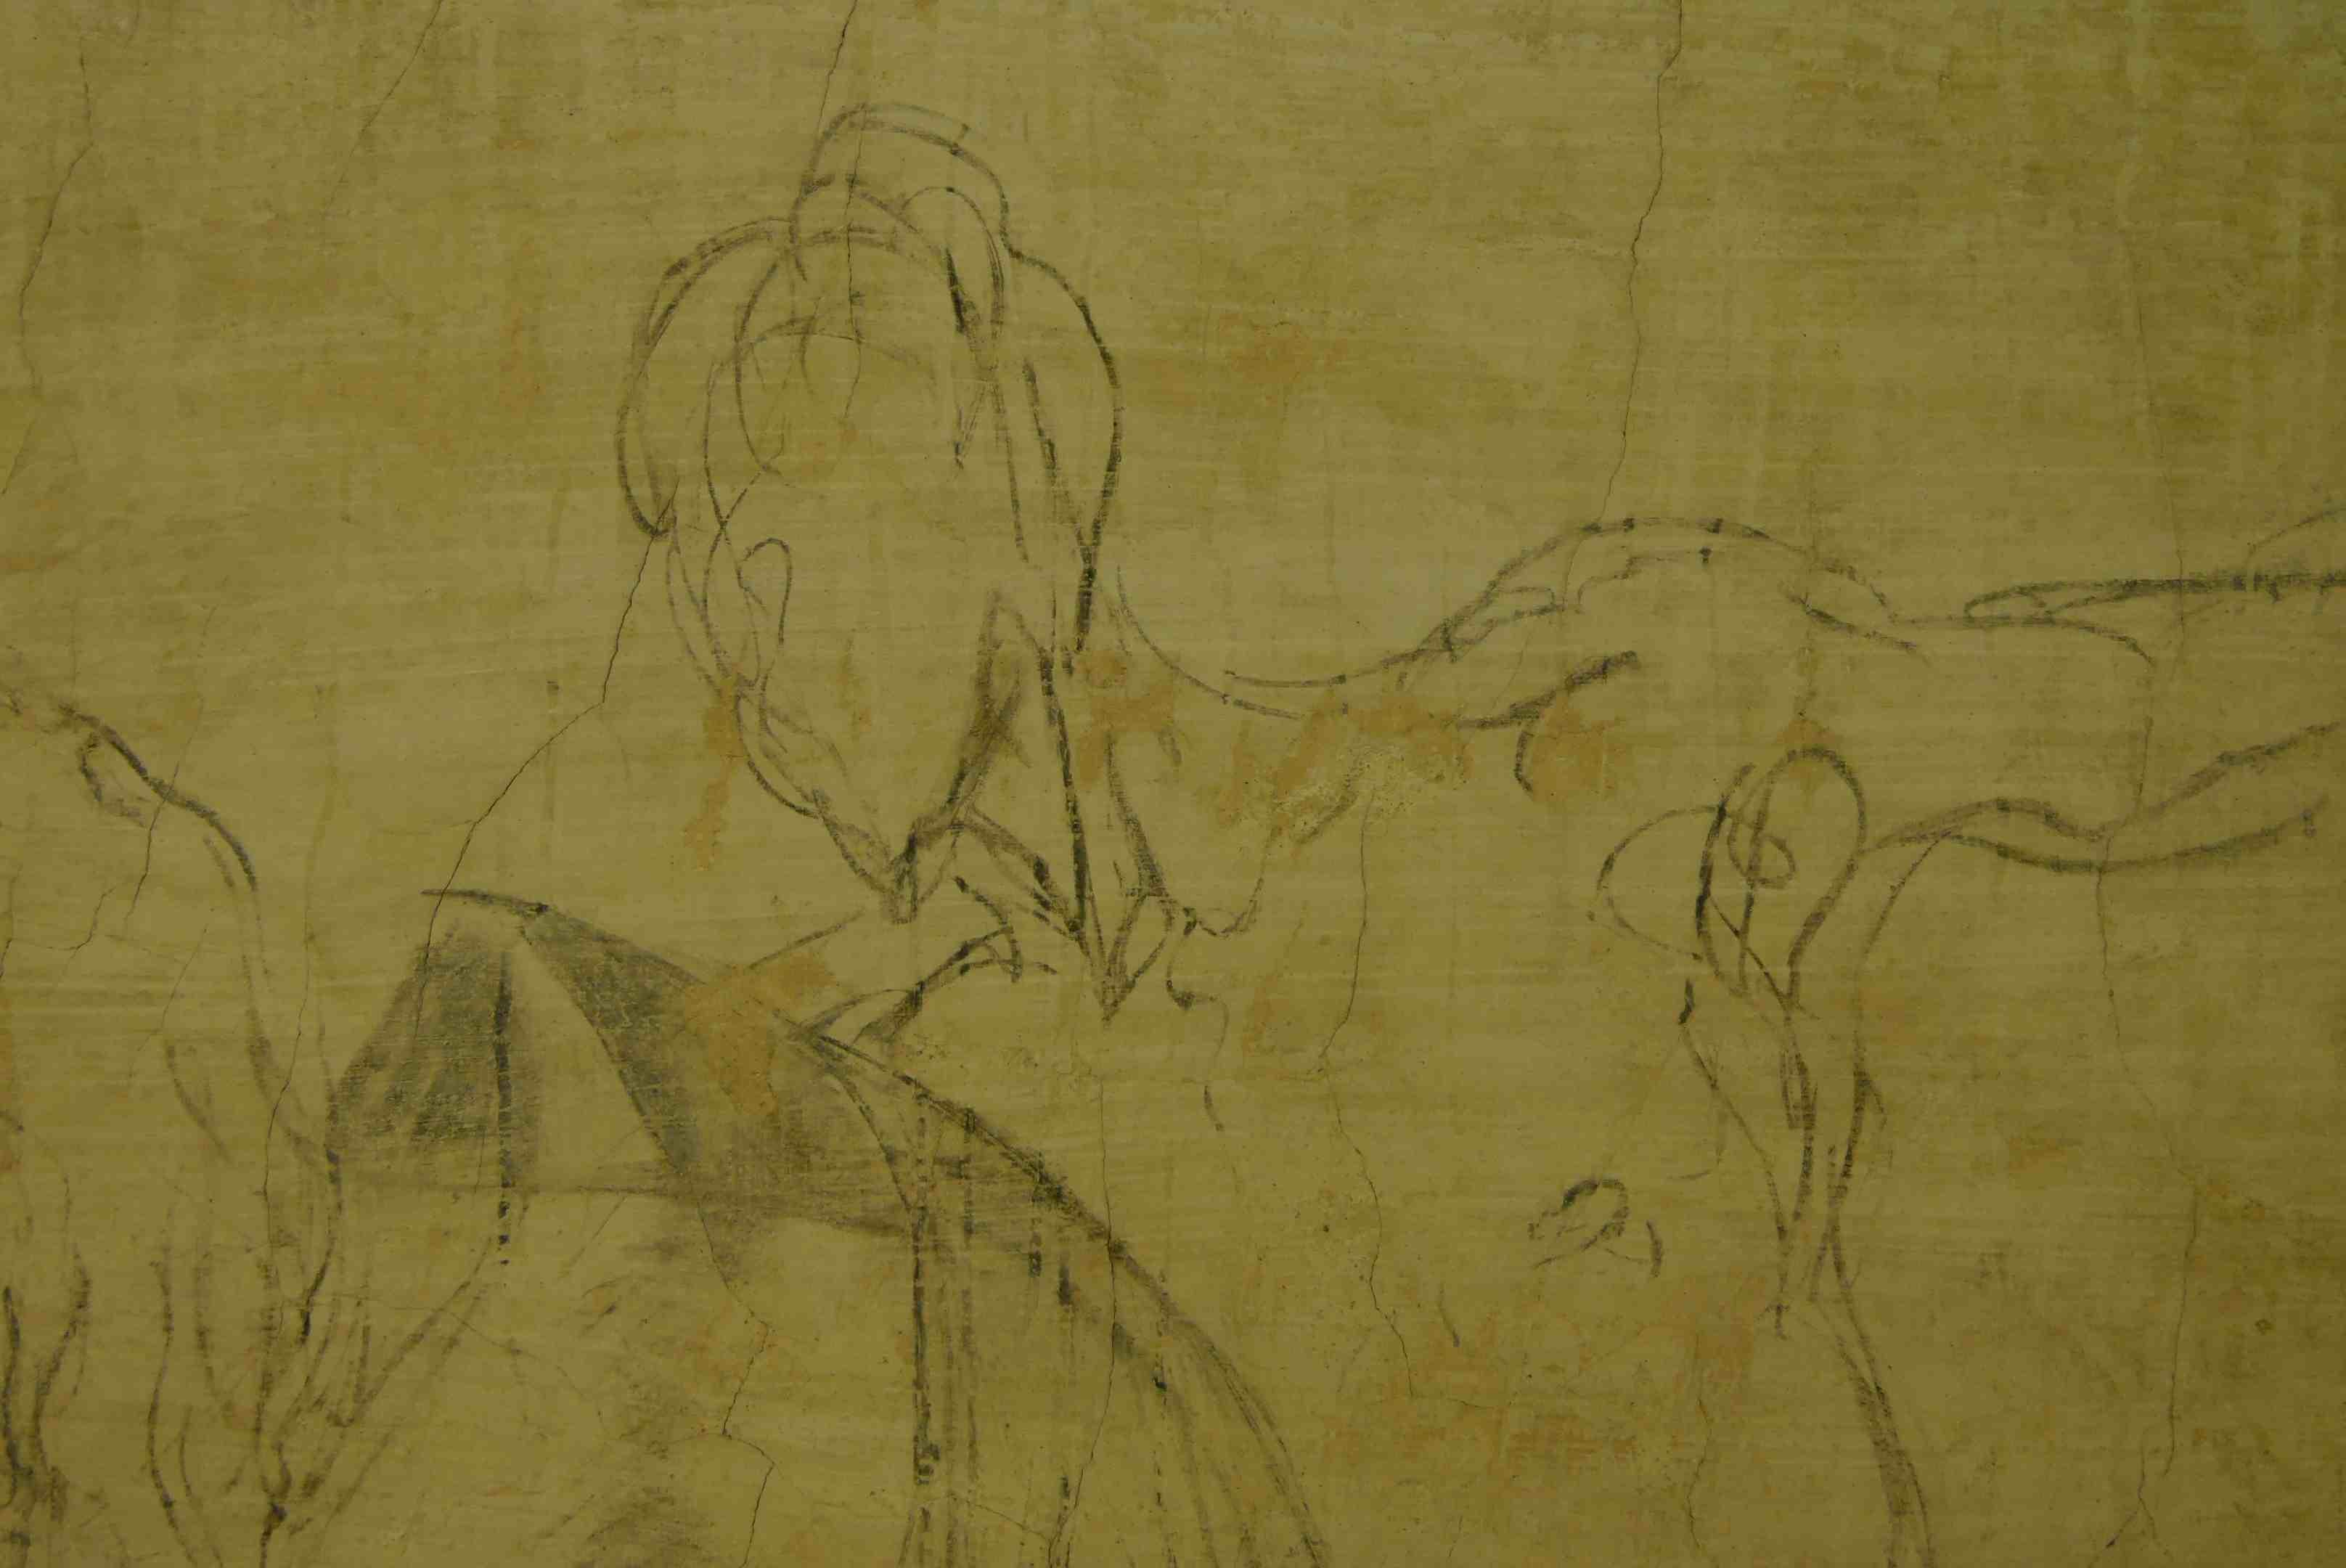 Chambre secrète Michelangelo Alidifirenze6